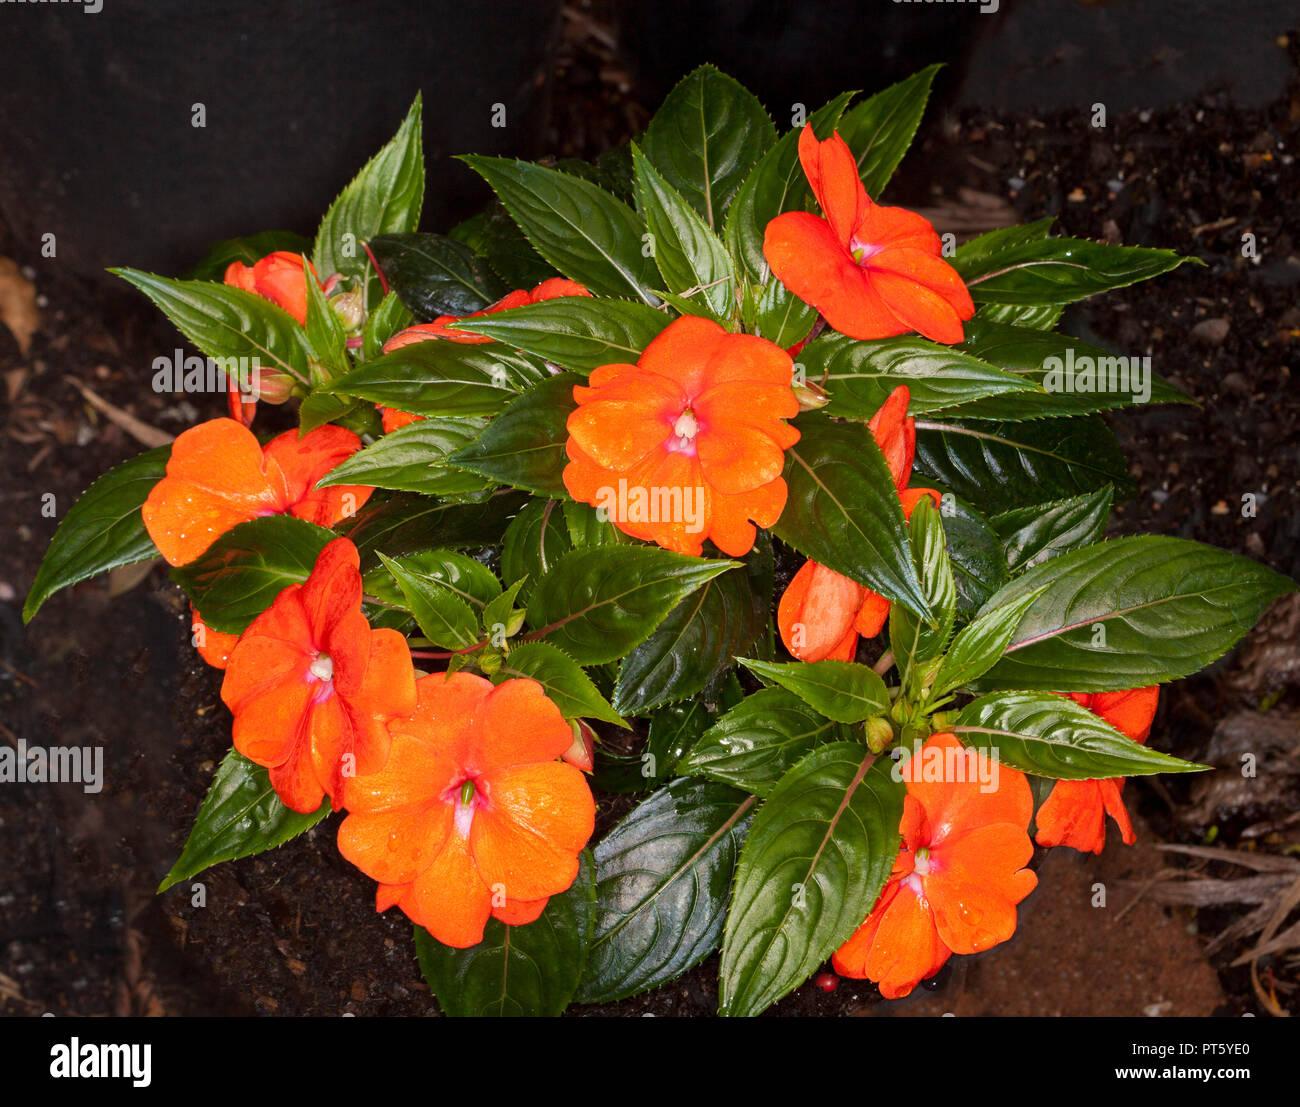 Incredibile Vividi Fiori Arancione Tra Verde Scuro Lucide Foglie Di Impatiens Hawkerii Nuova Guinea Hybrid Foto Stock Alamy